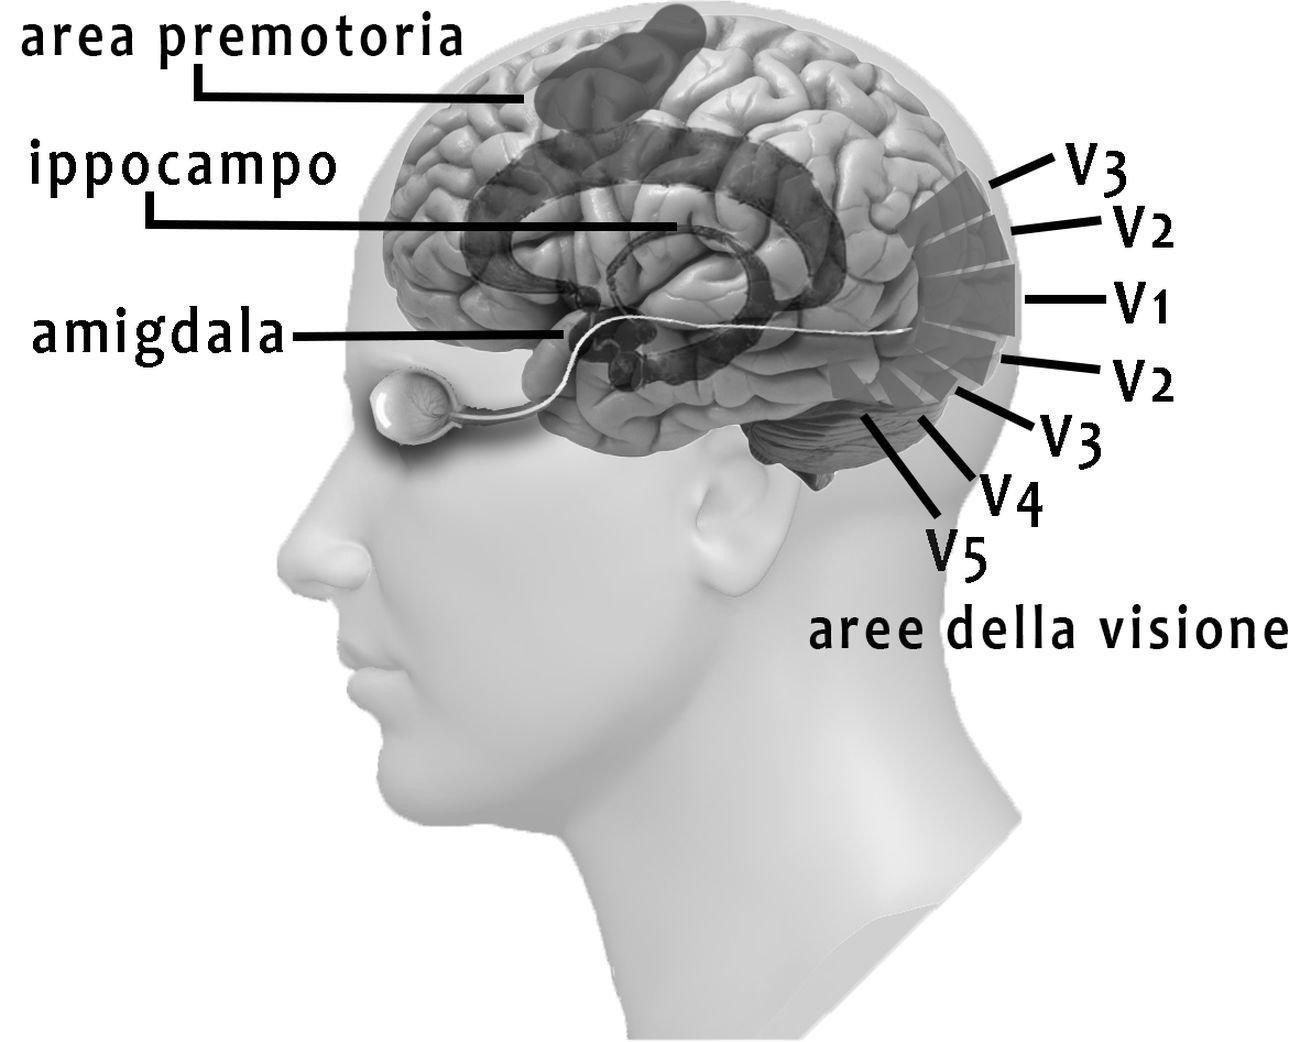 Il cervello. Immagine Angela Savino & Ottavio De Clemente